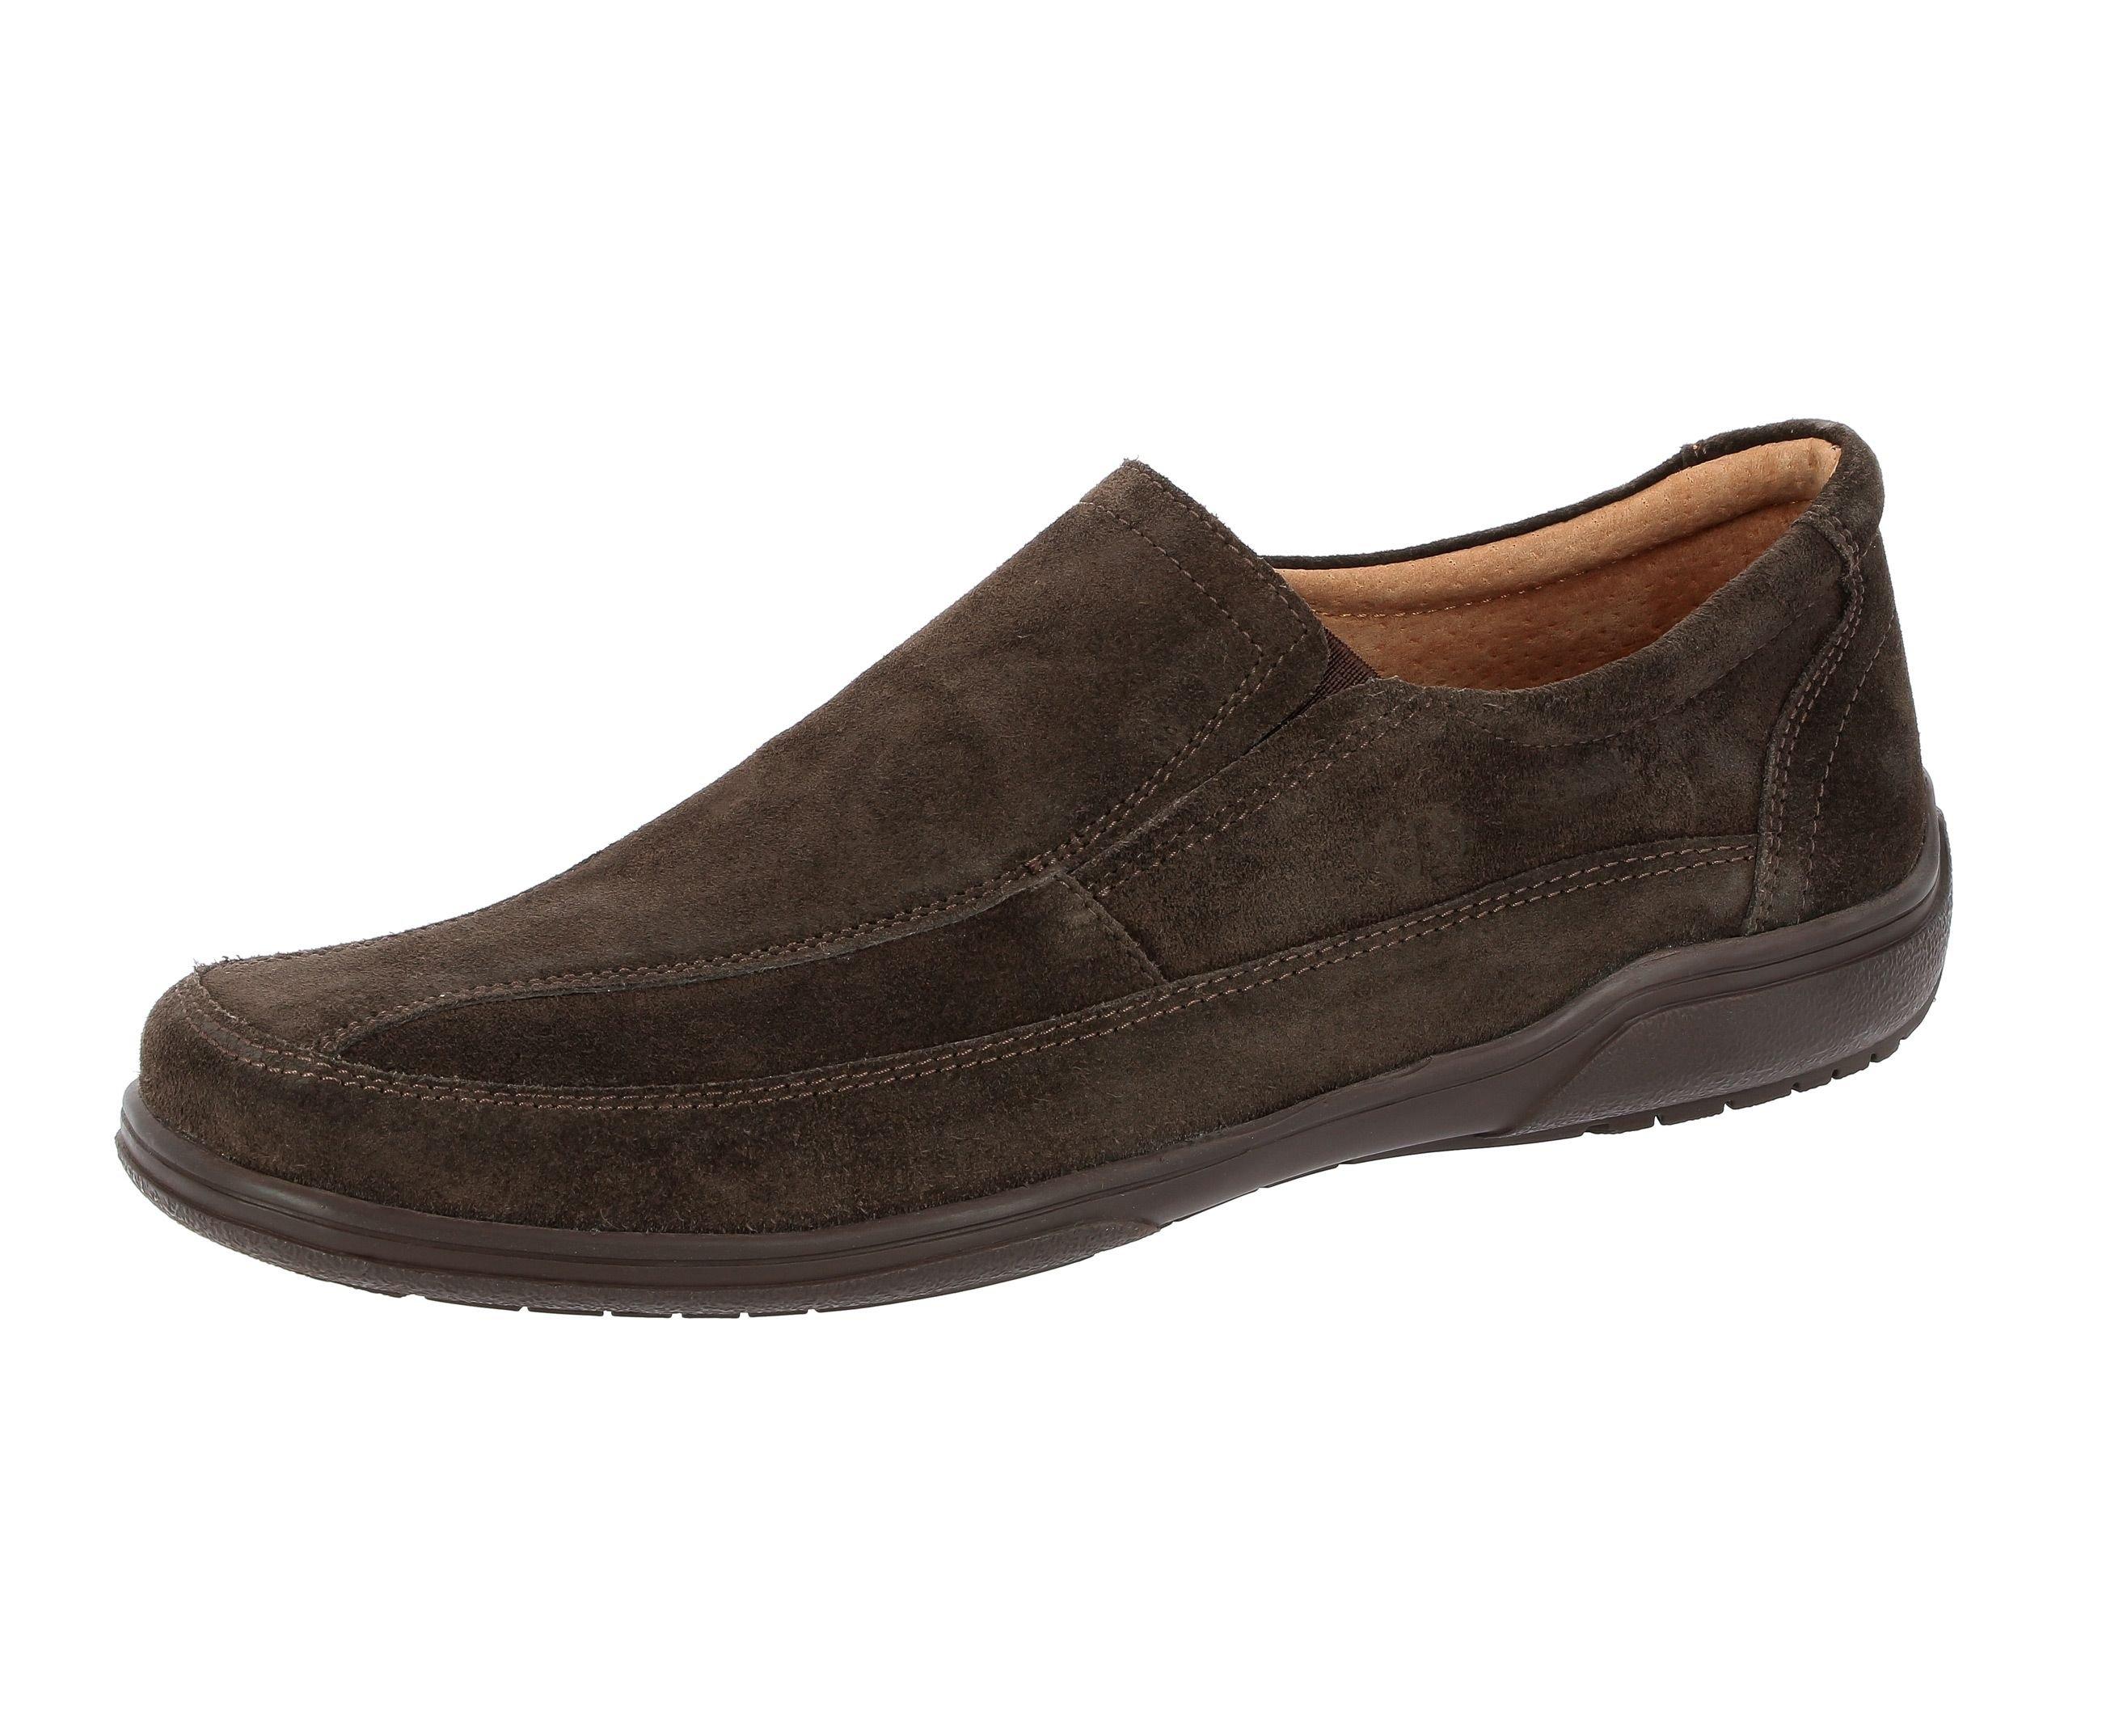 Brütting comfortabele casual schoenen voor mannen »Aruni« bestellen: 14 dagen bedenktijd